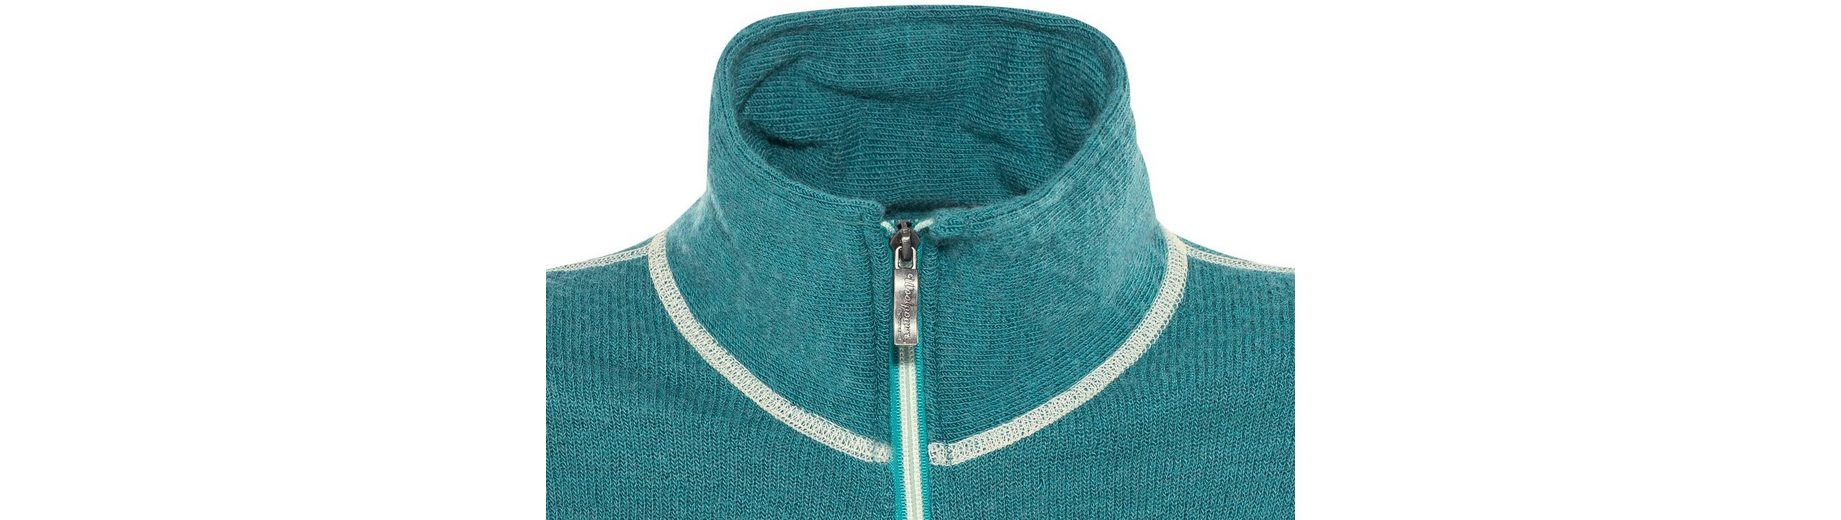 Verkauf Echten Woolpower Pullover 400 Full Zip Jacket Unisex Günstig Kaufen Qualität Outlet-Store vngADw